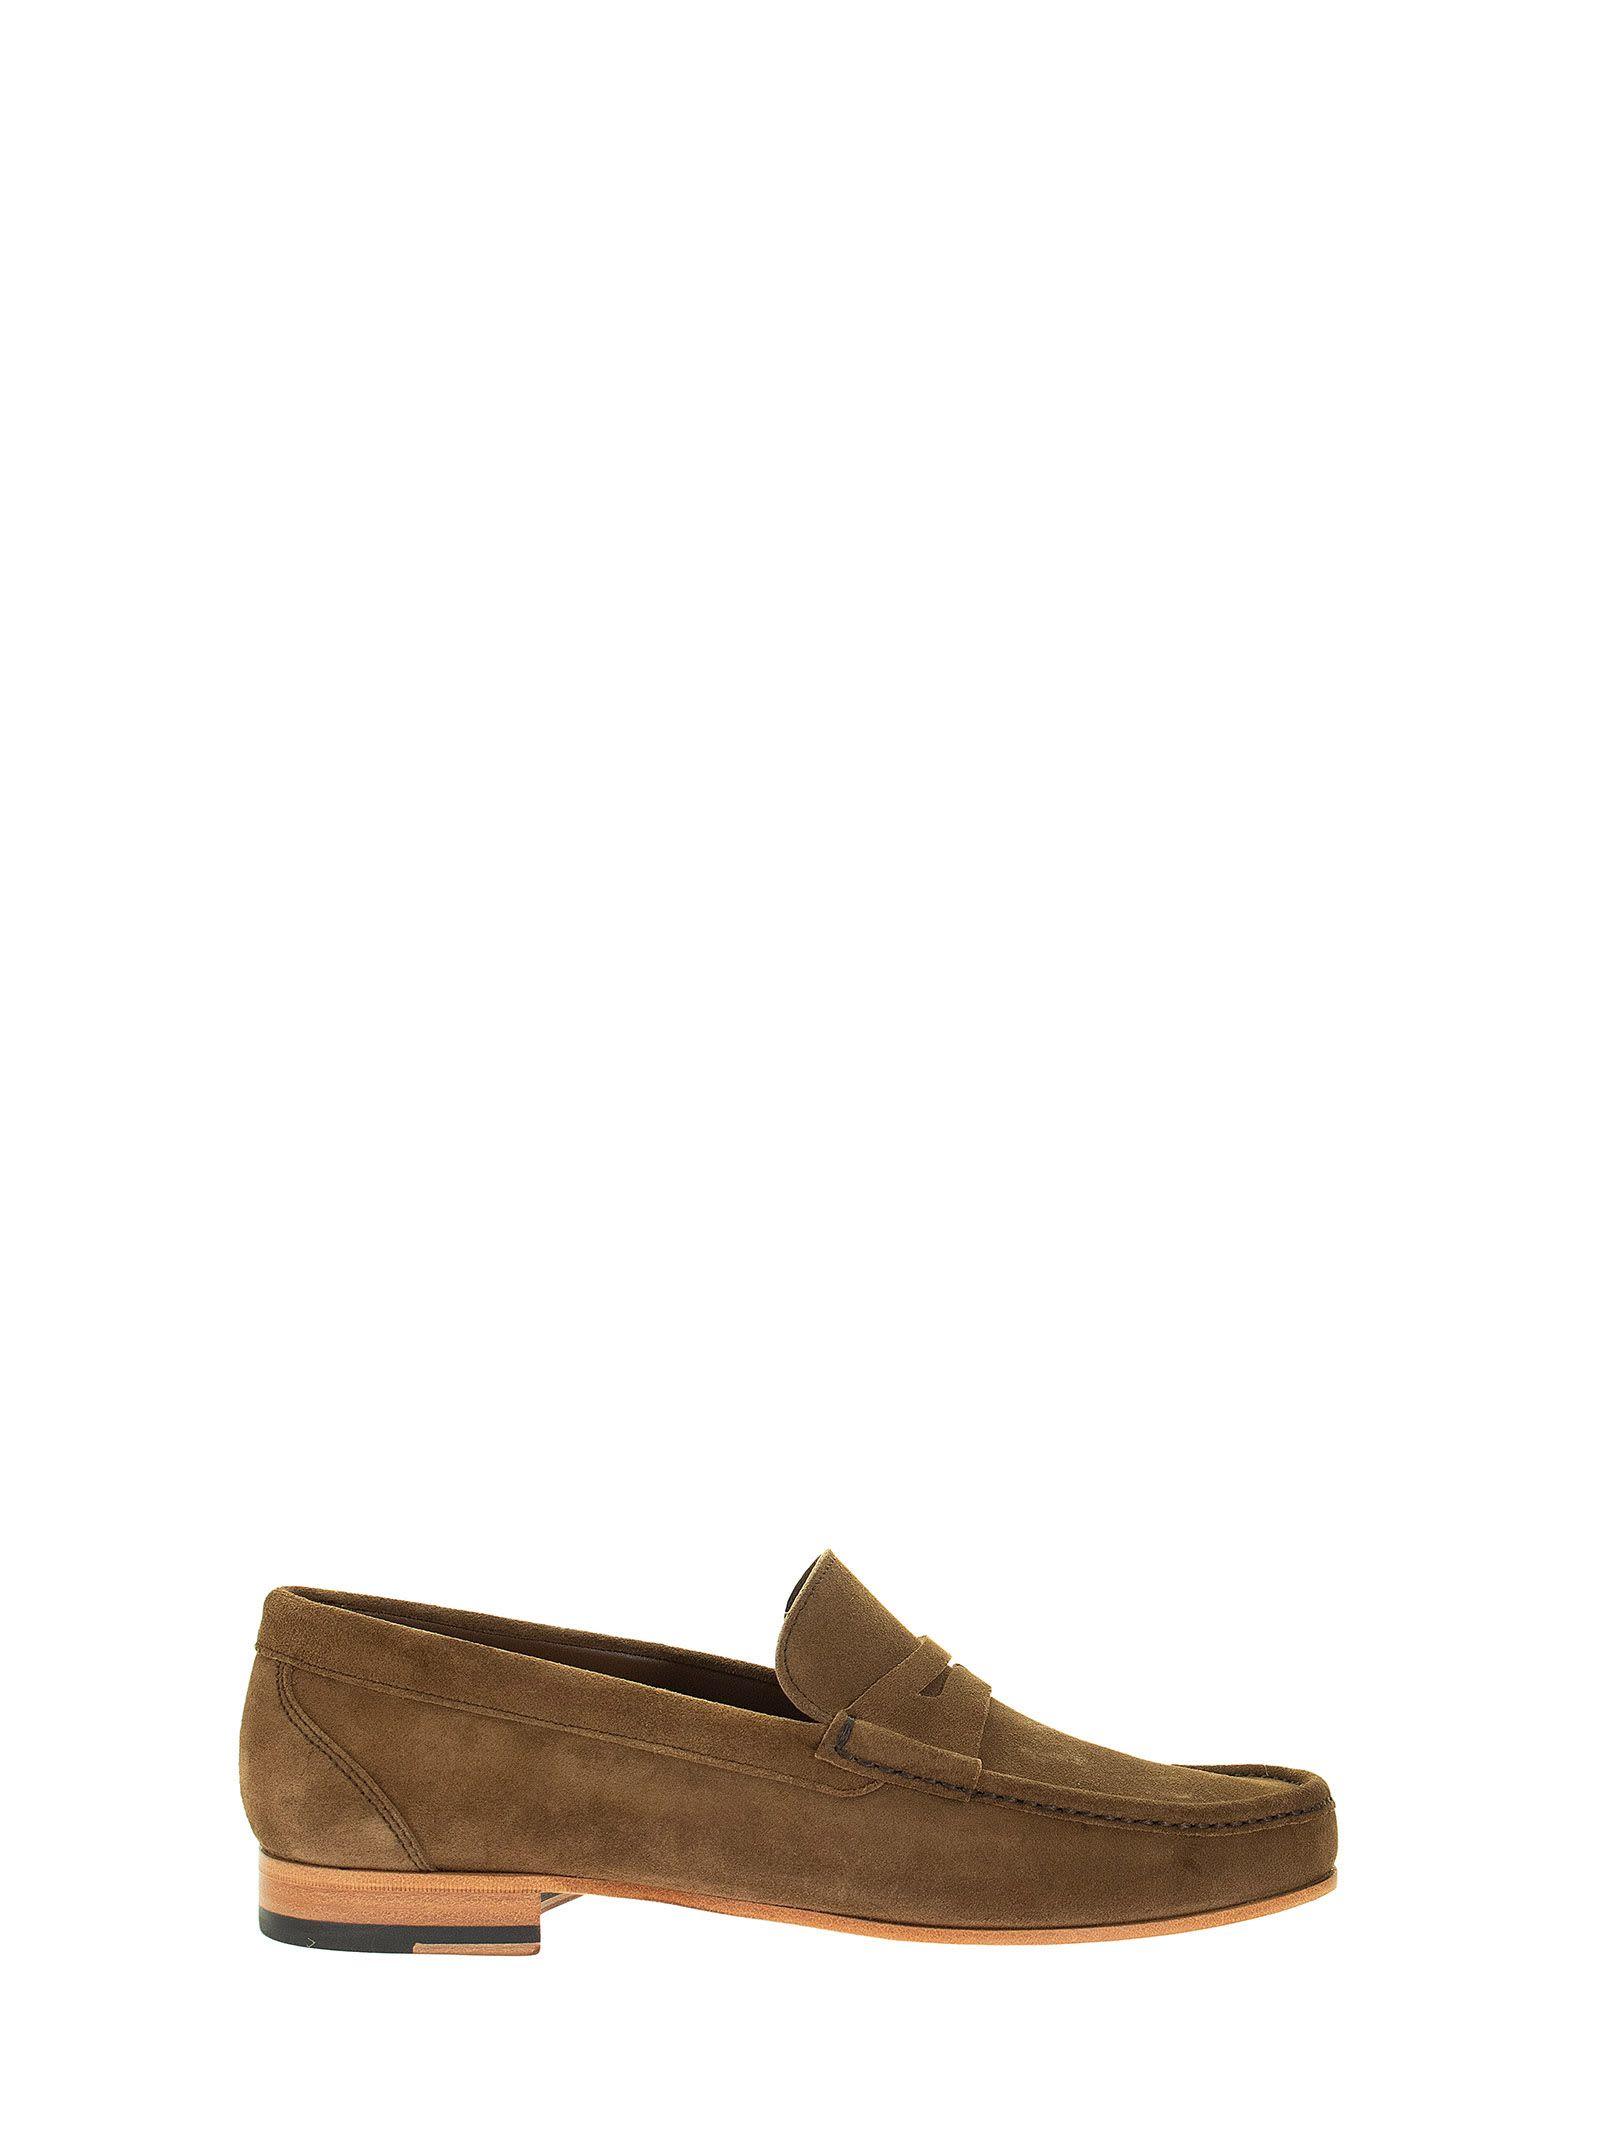 1707 Suede Loafer